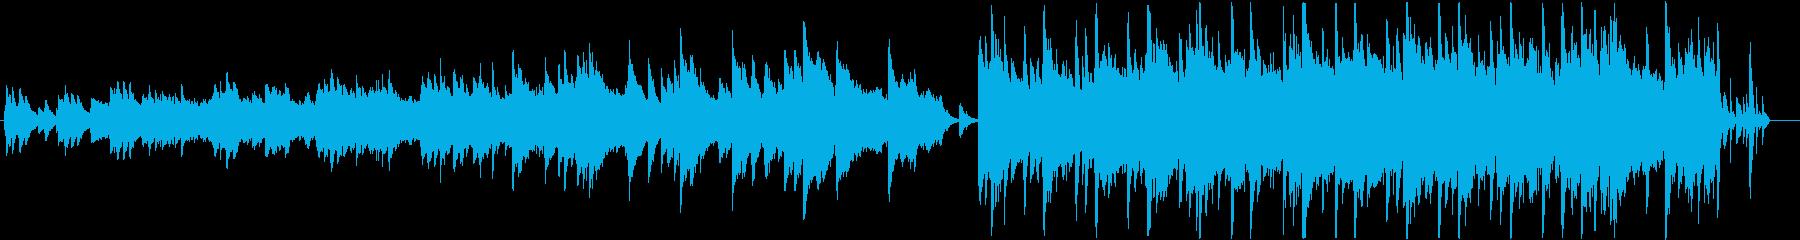 絶望的な悲しみのあるピアノバラードの再生済みの波形